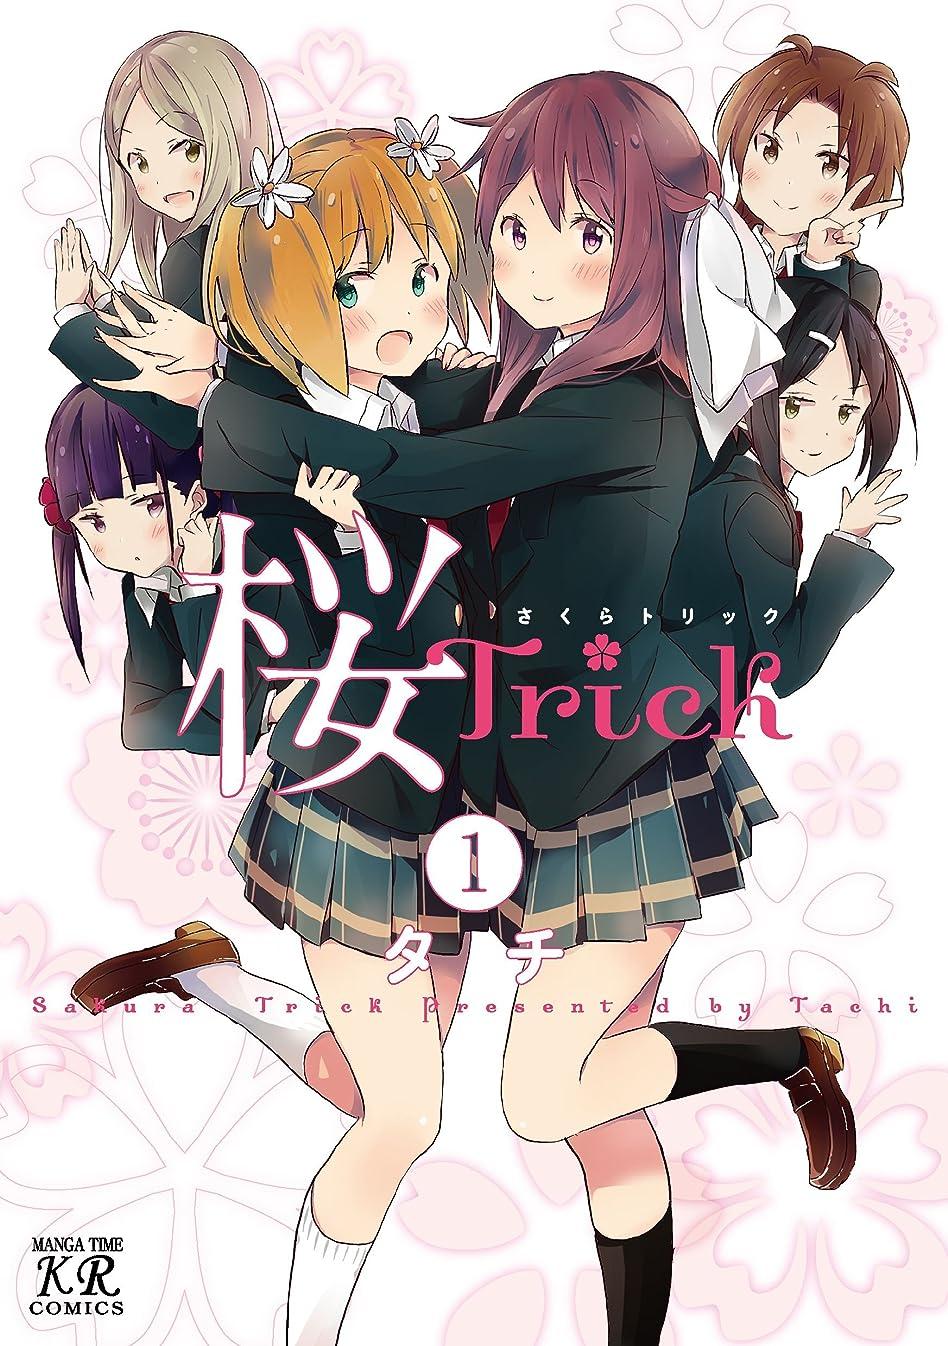 音声霧深い地図桜Trick 1巻 桜Trick (まんがタイムKRコミックス)